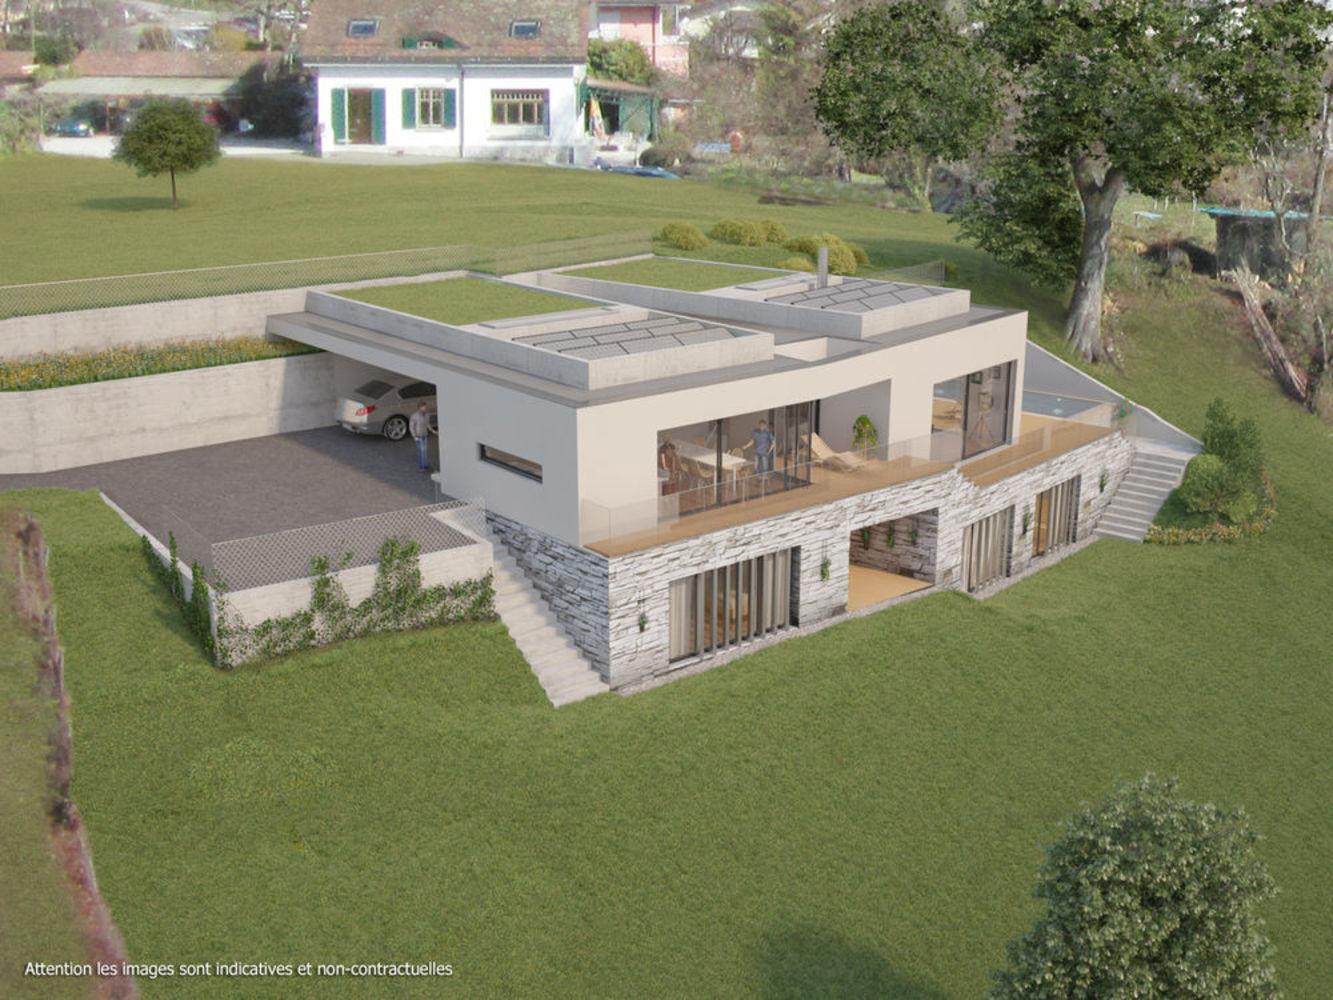 Construire sa maison sur un terrain en pente maison moderne for Photo maison contemporaine sur terrain en pente